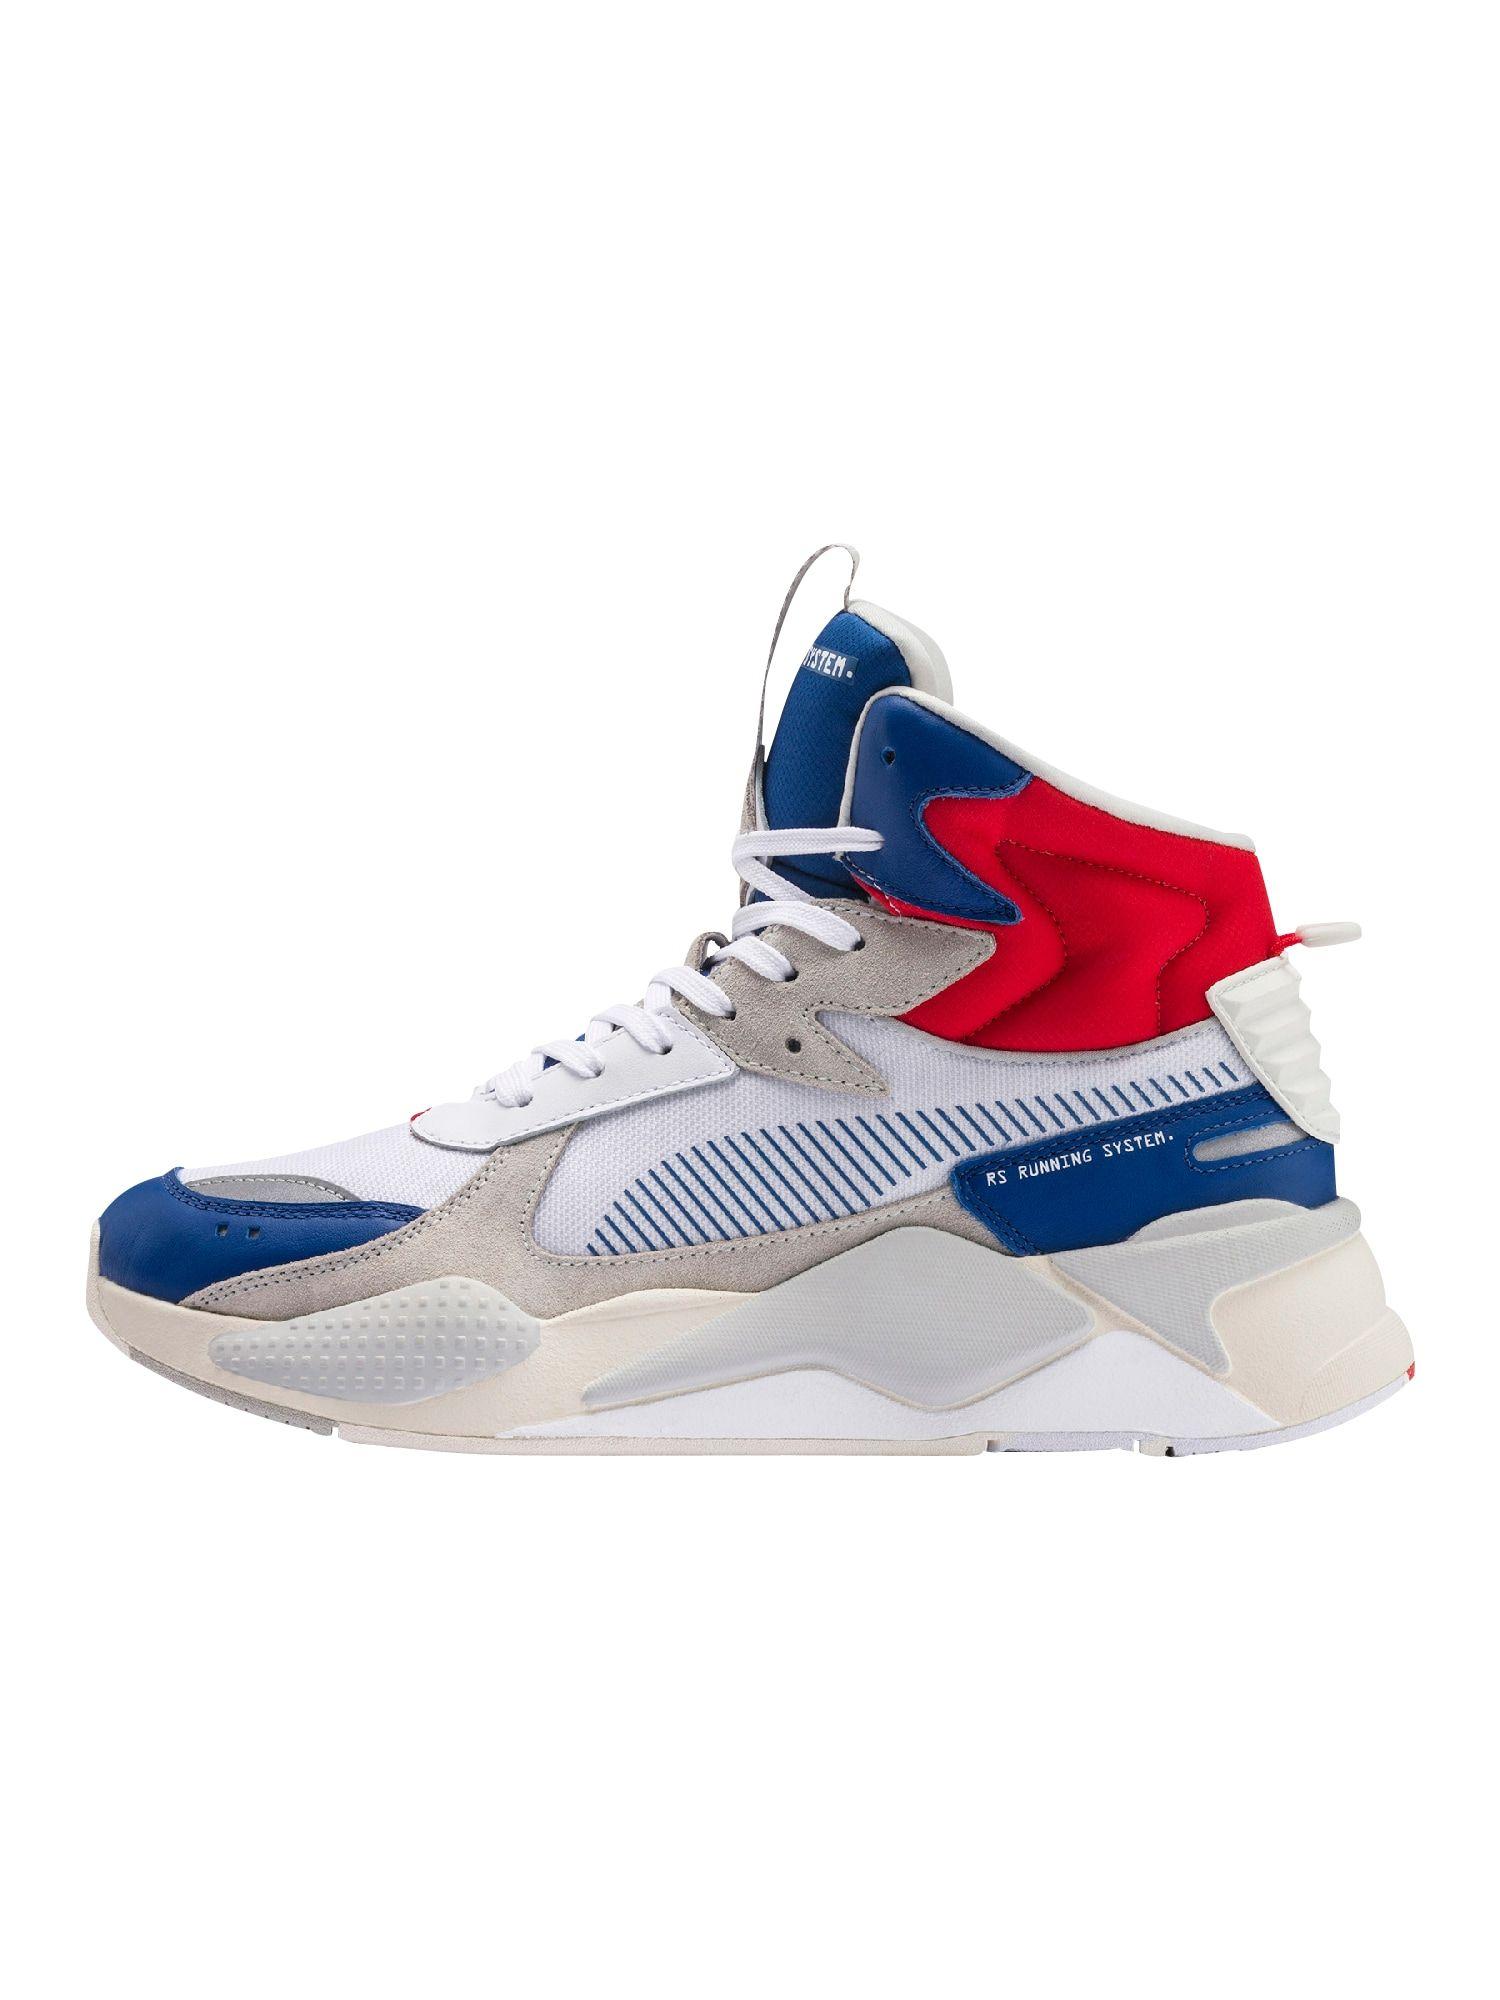 Pin von NATHALY MIRANDA auf Trendy shoes in 2020 | Puma ...